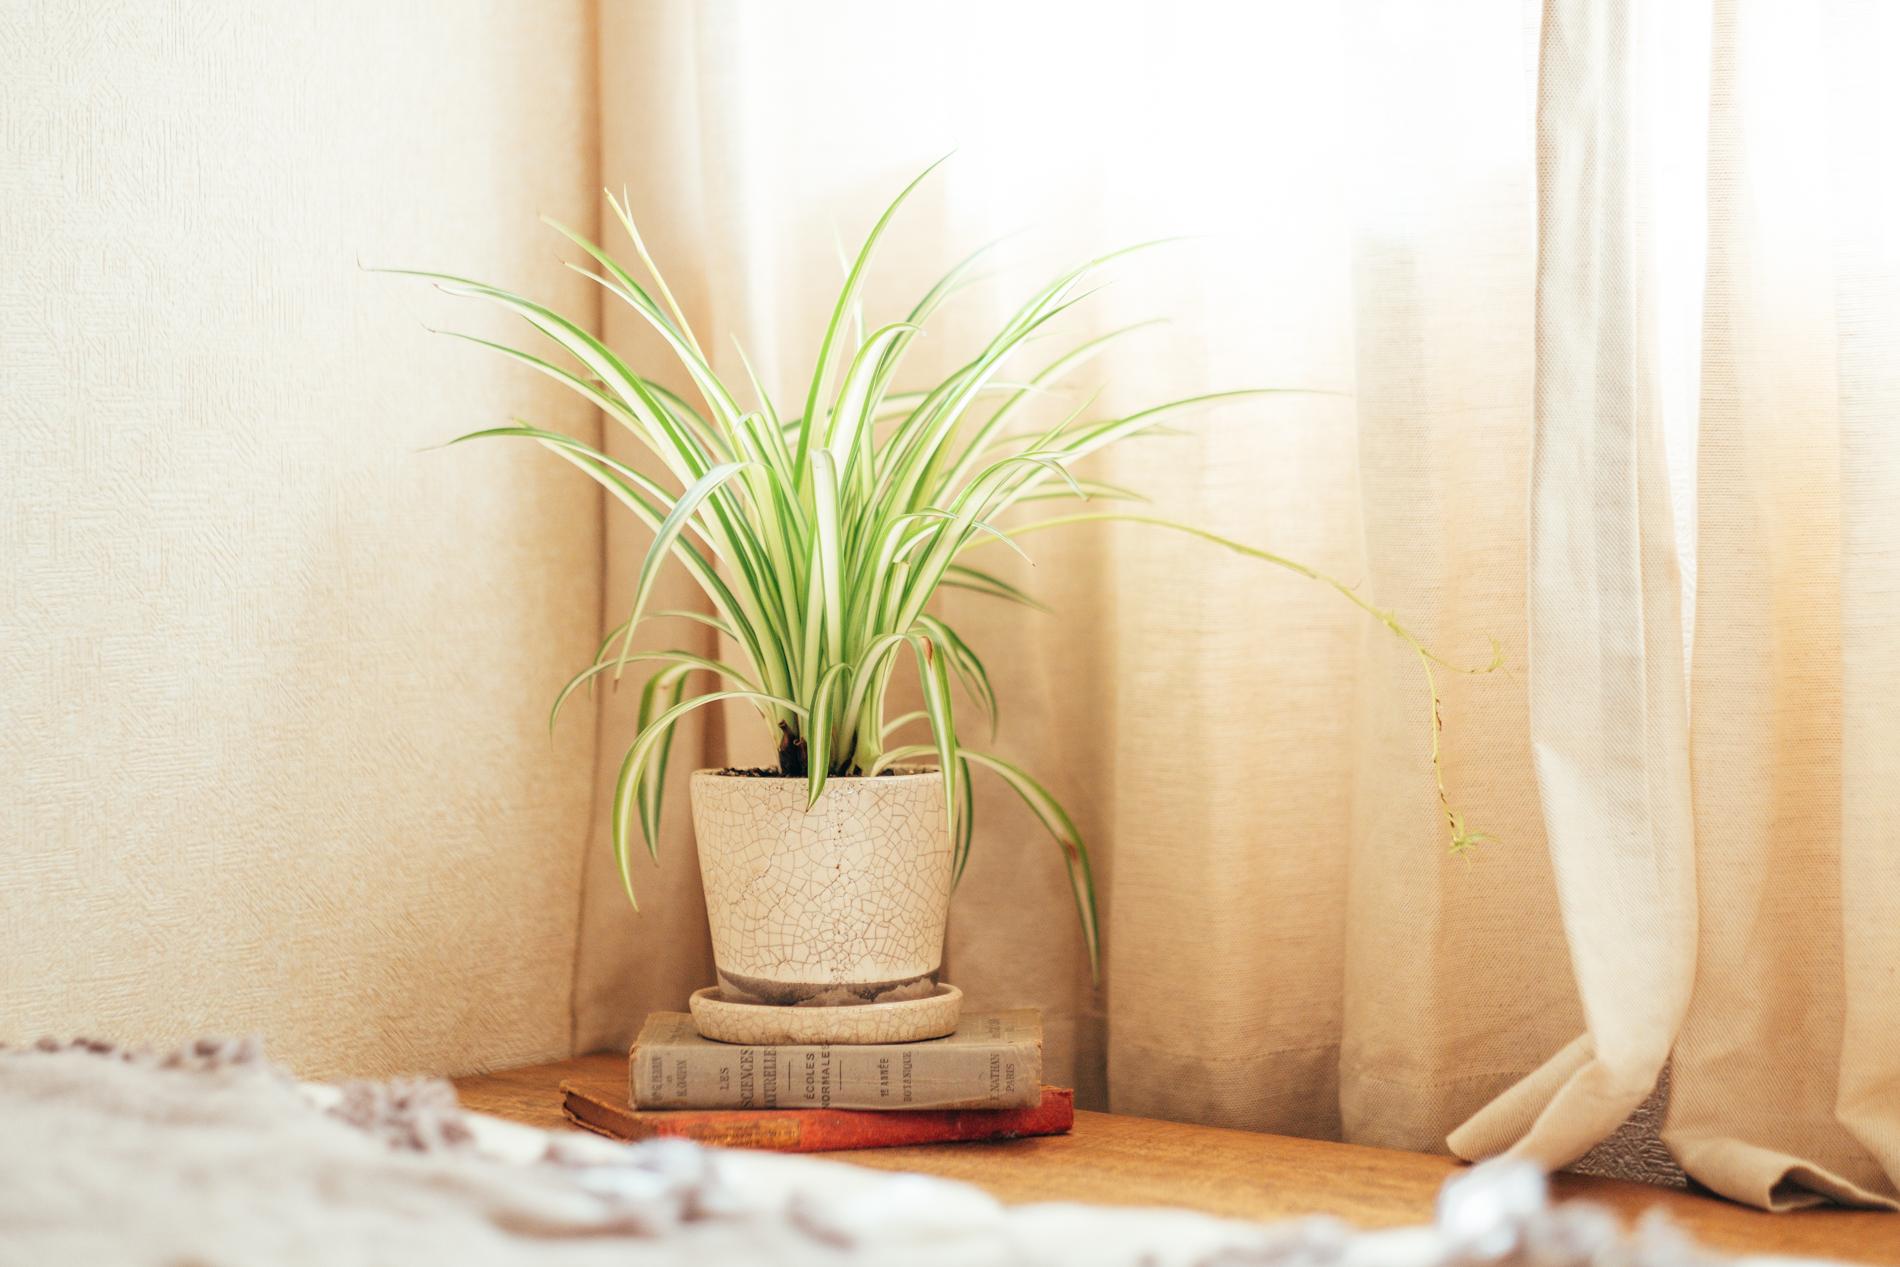 リビングのみならず、寝室など他のお部屋にも最近は植物を置き始められたそう。